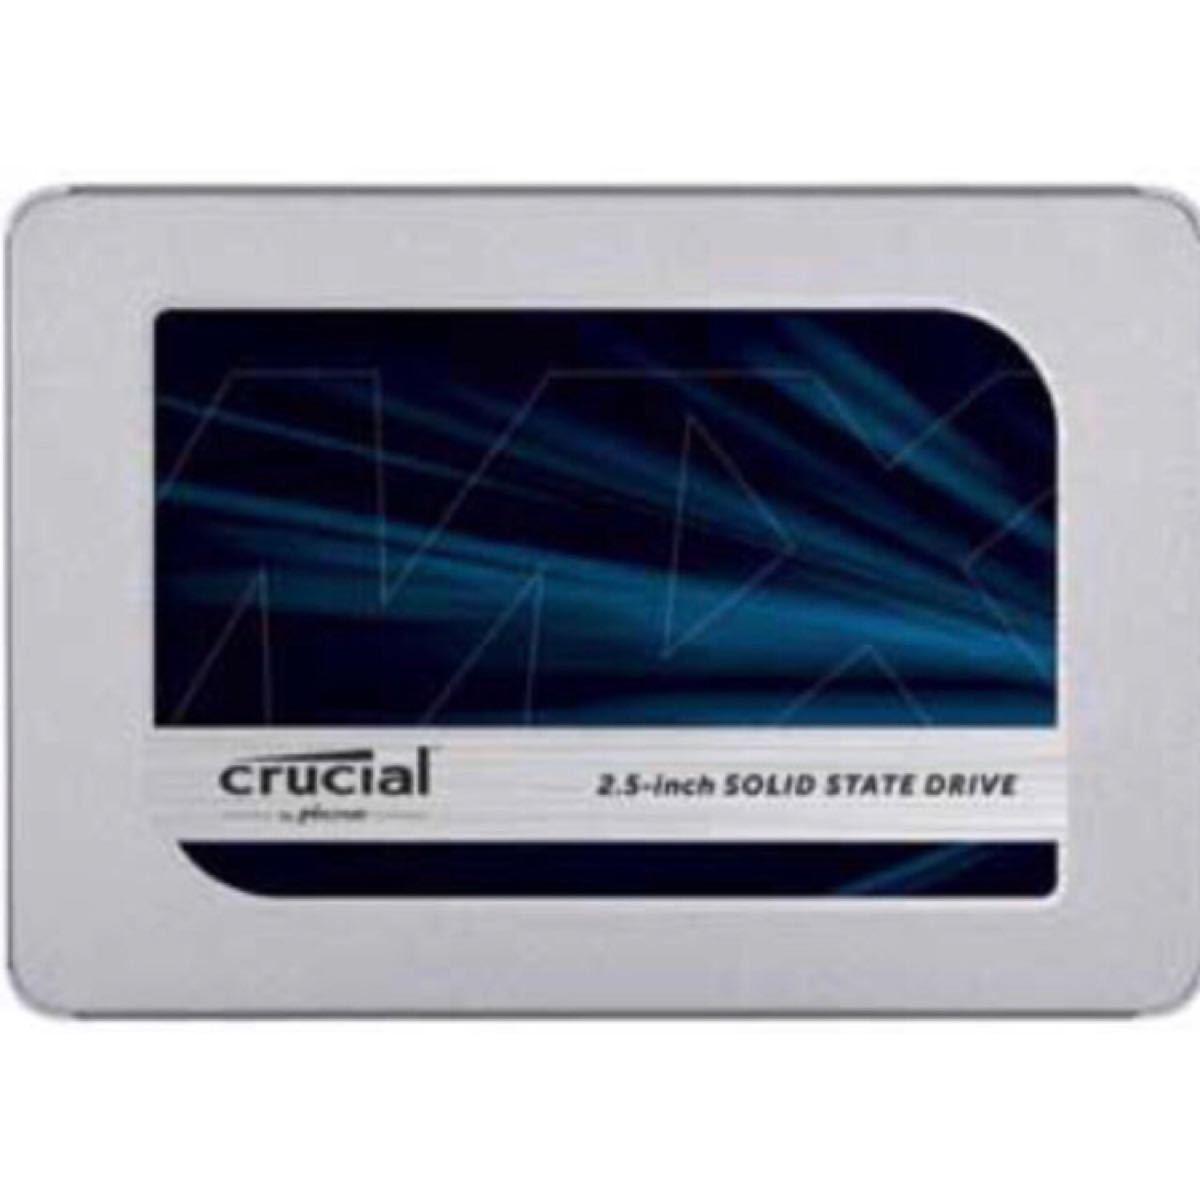 Crucial SSD 500GB